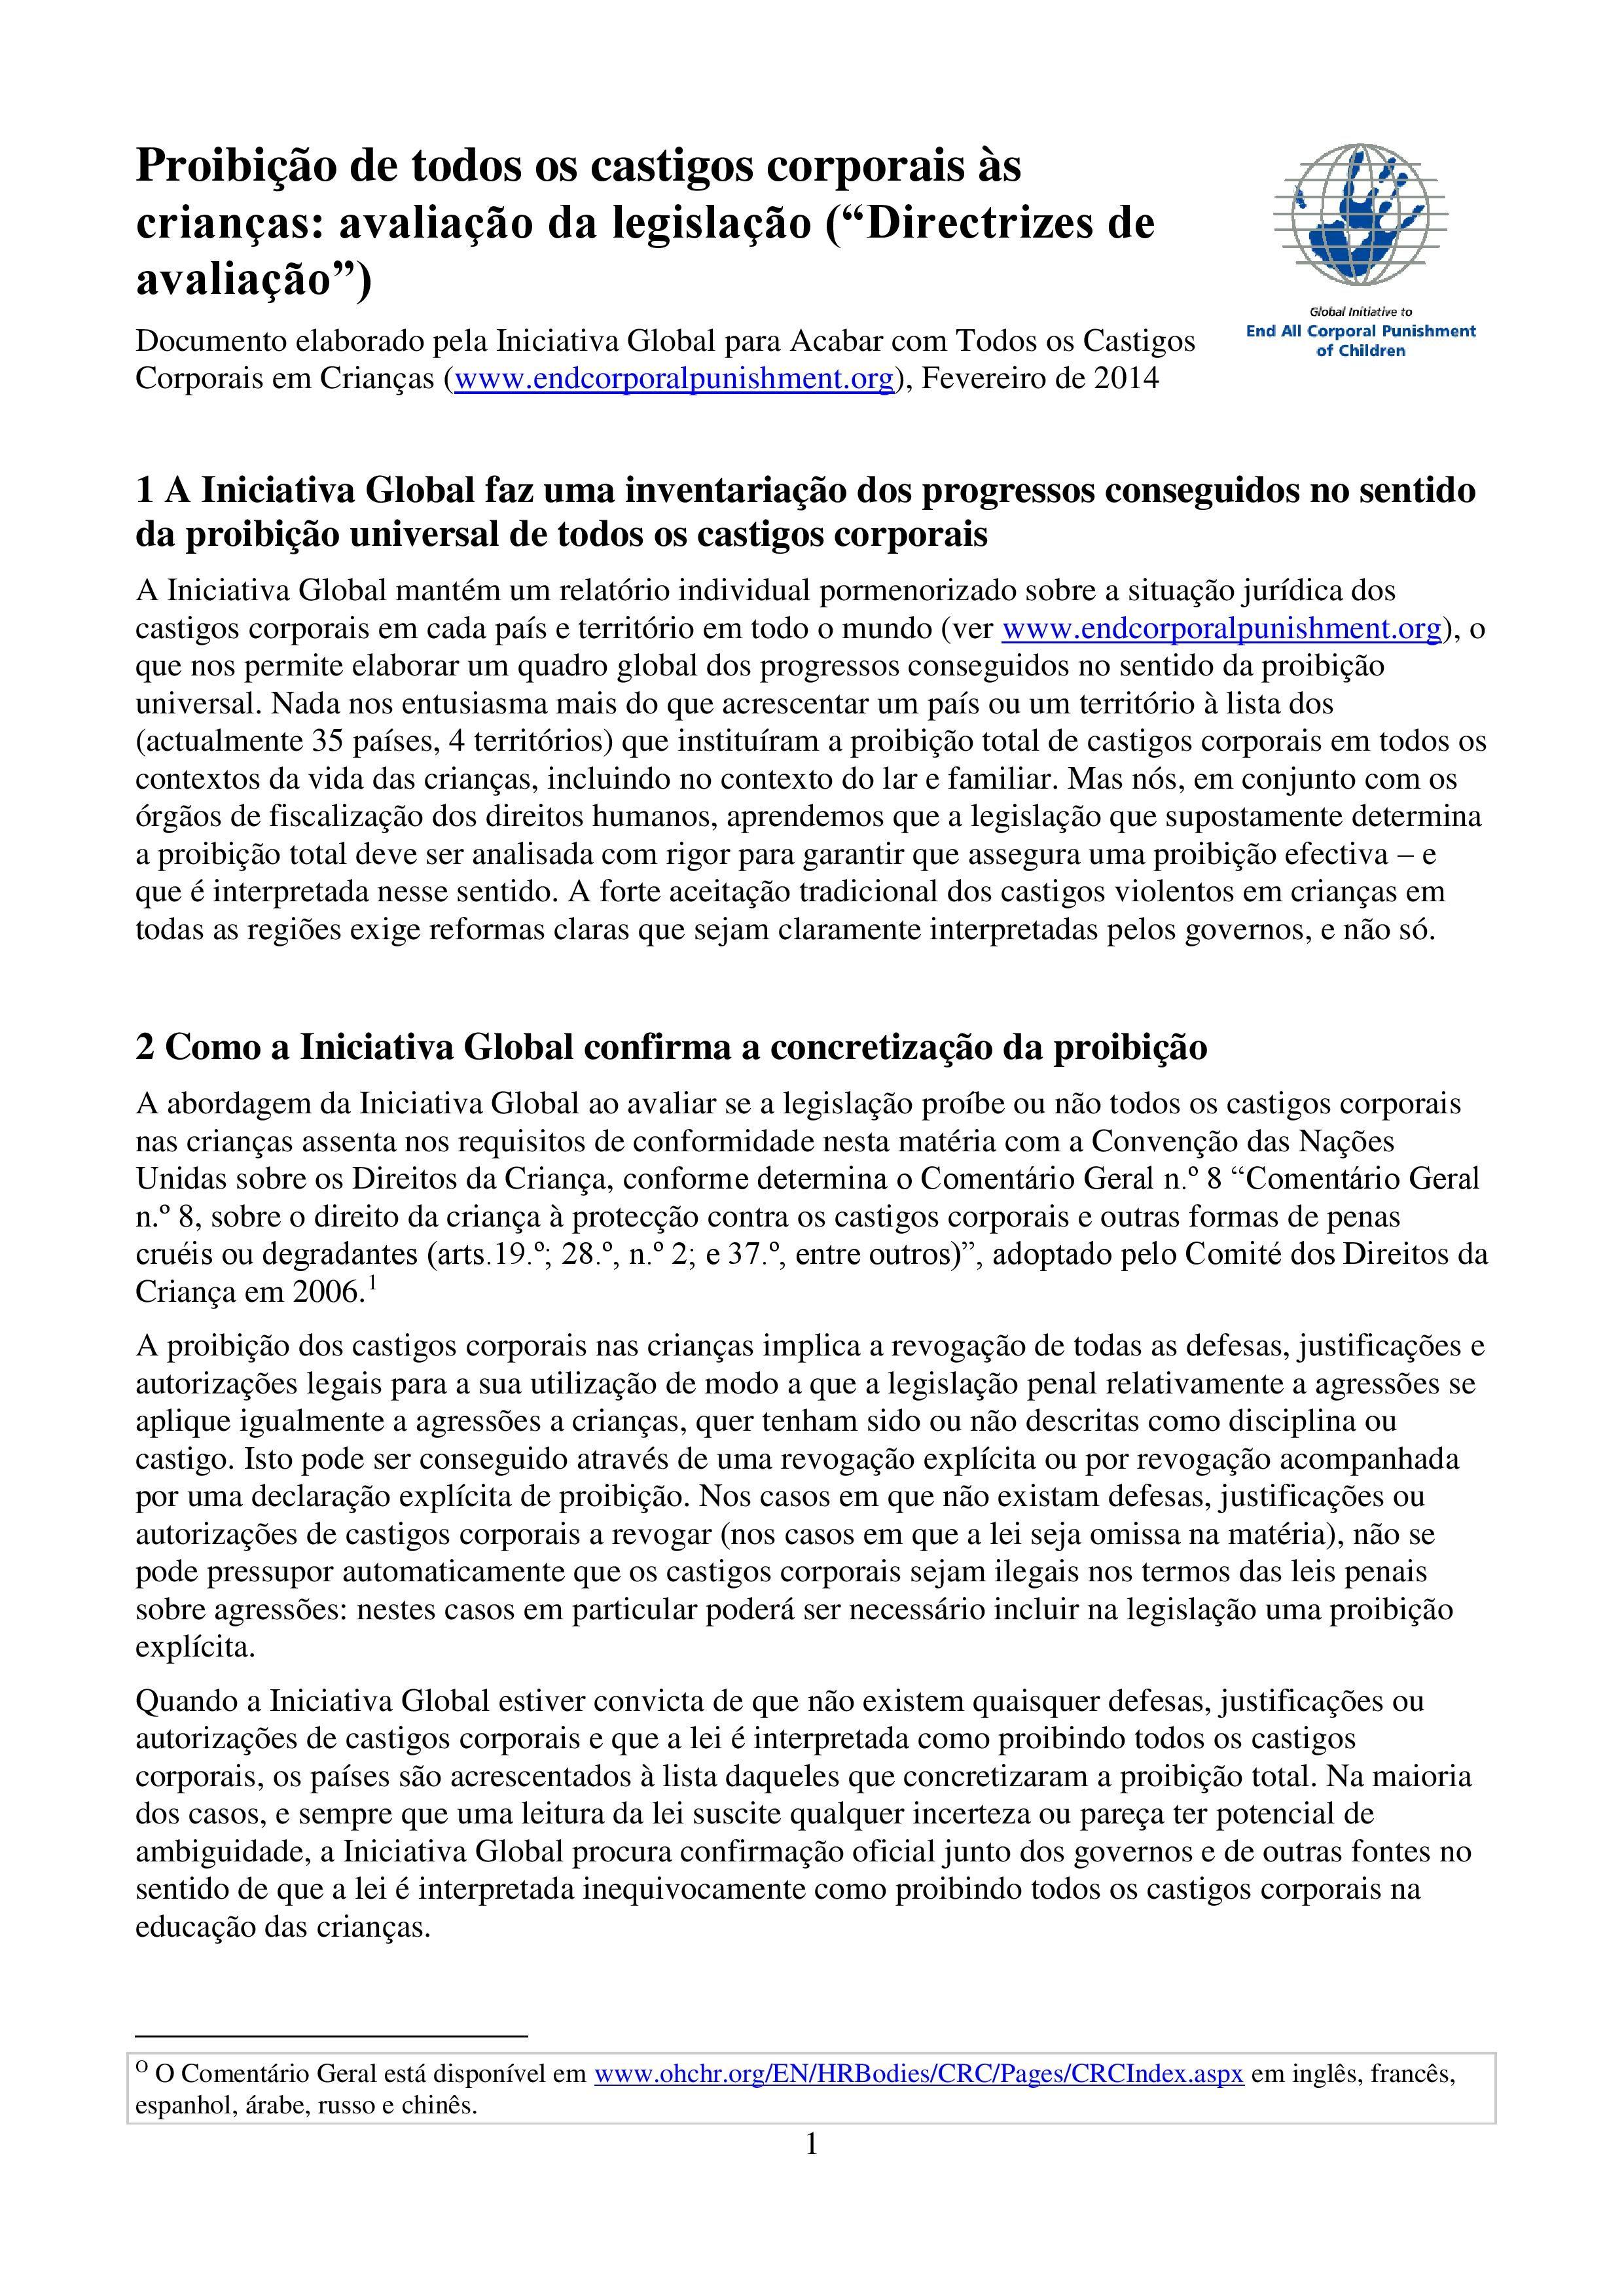 Assessing-prohibiting-legislation-PT-cover